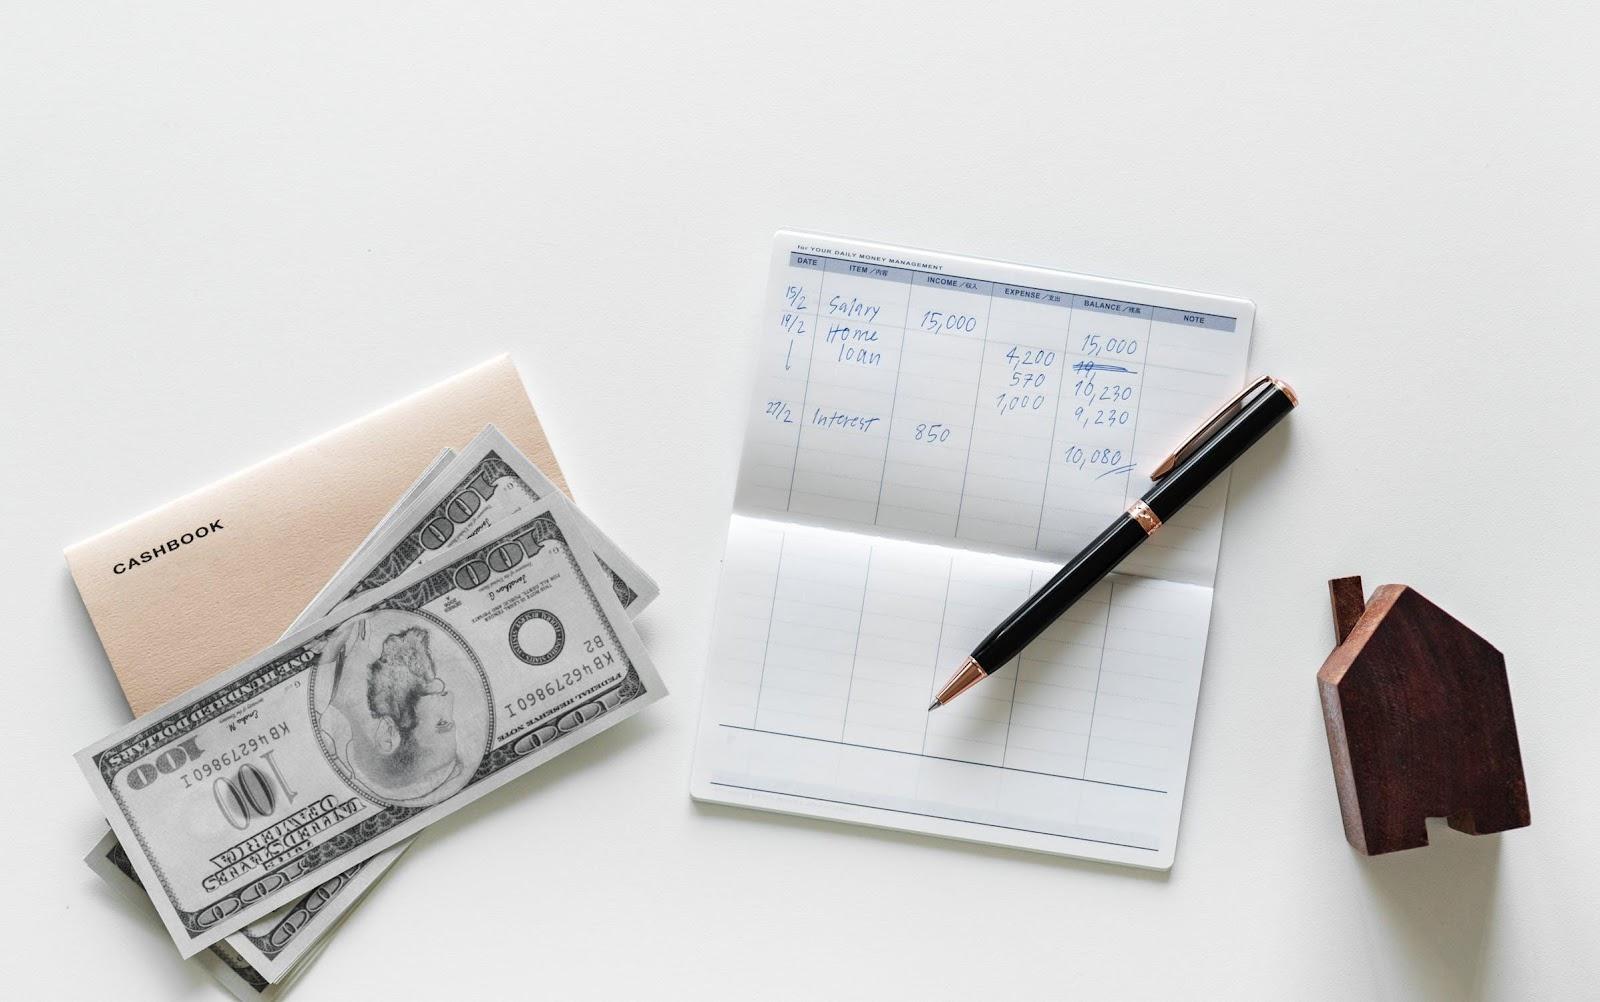 Инвестируют медицину сбербанк смс с предложением взять кредит